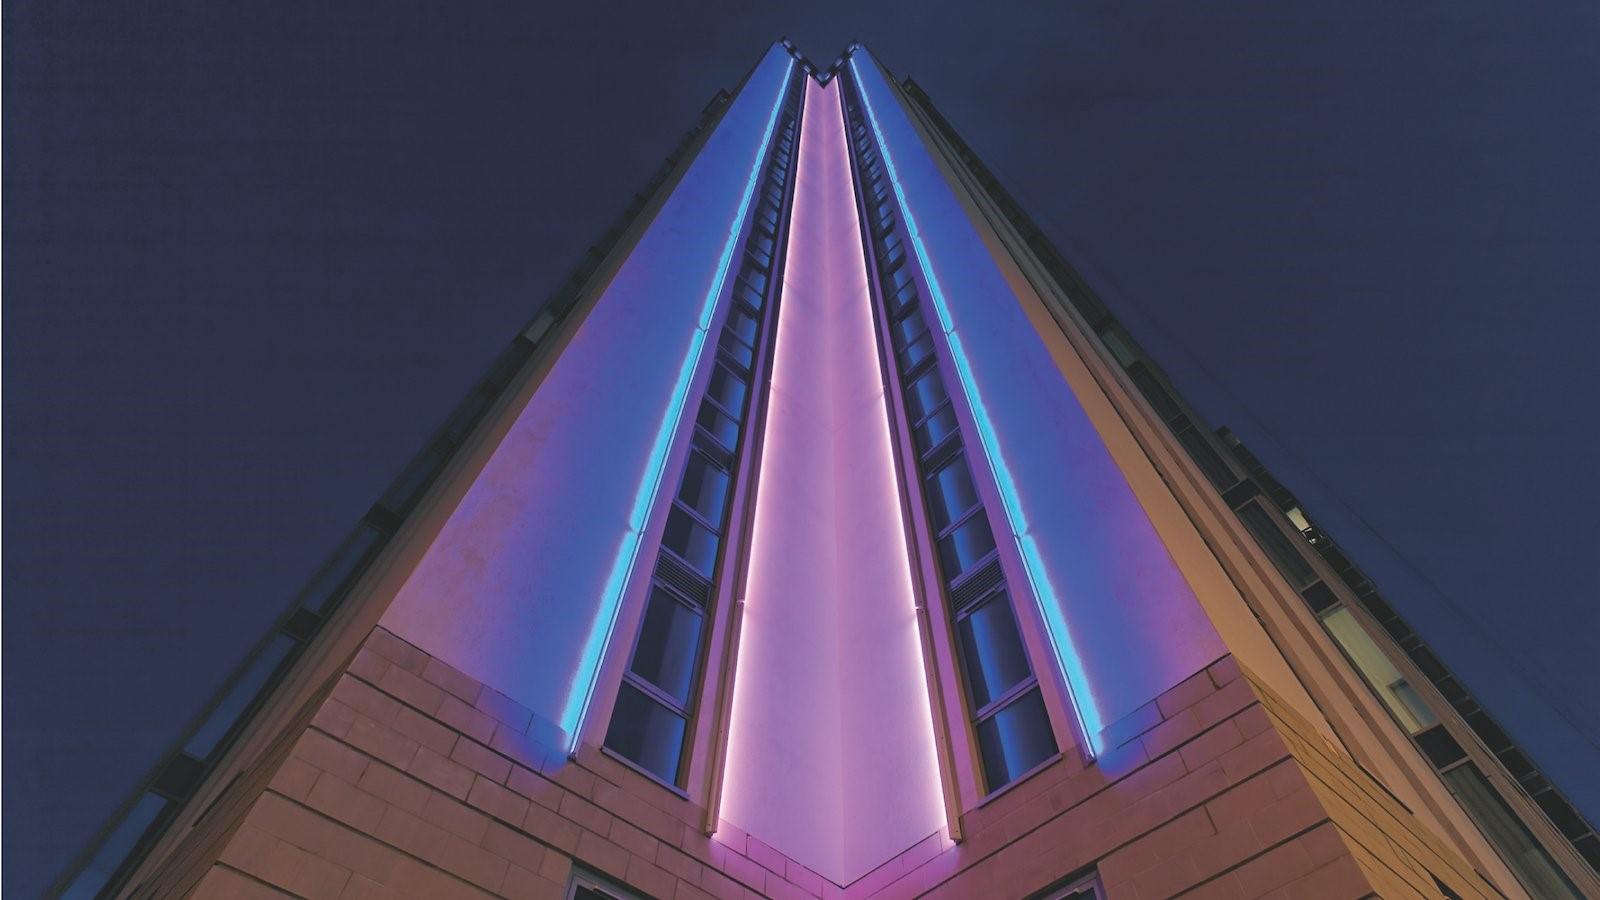 اصول کلی برای طراحی نمای ساختمان مسکونی کدامند؟